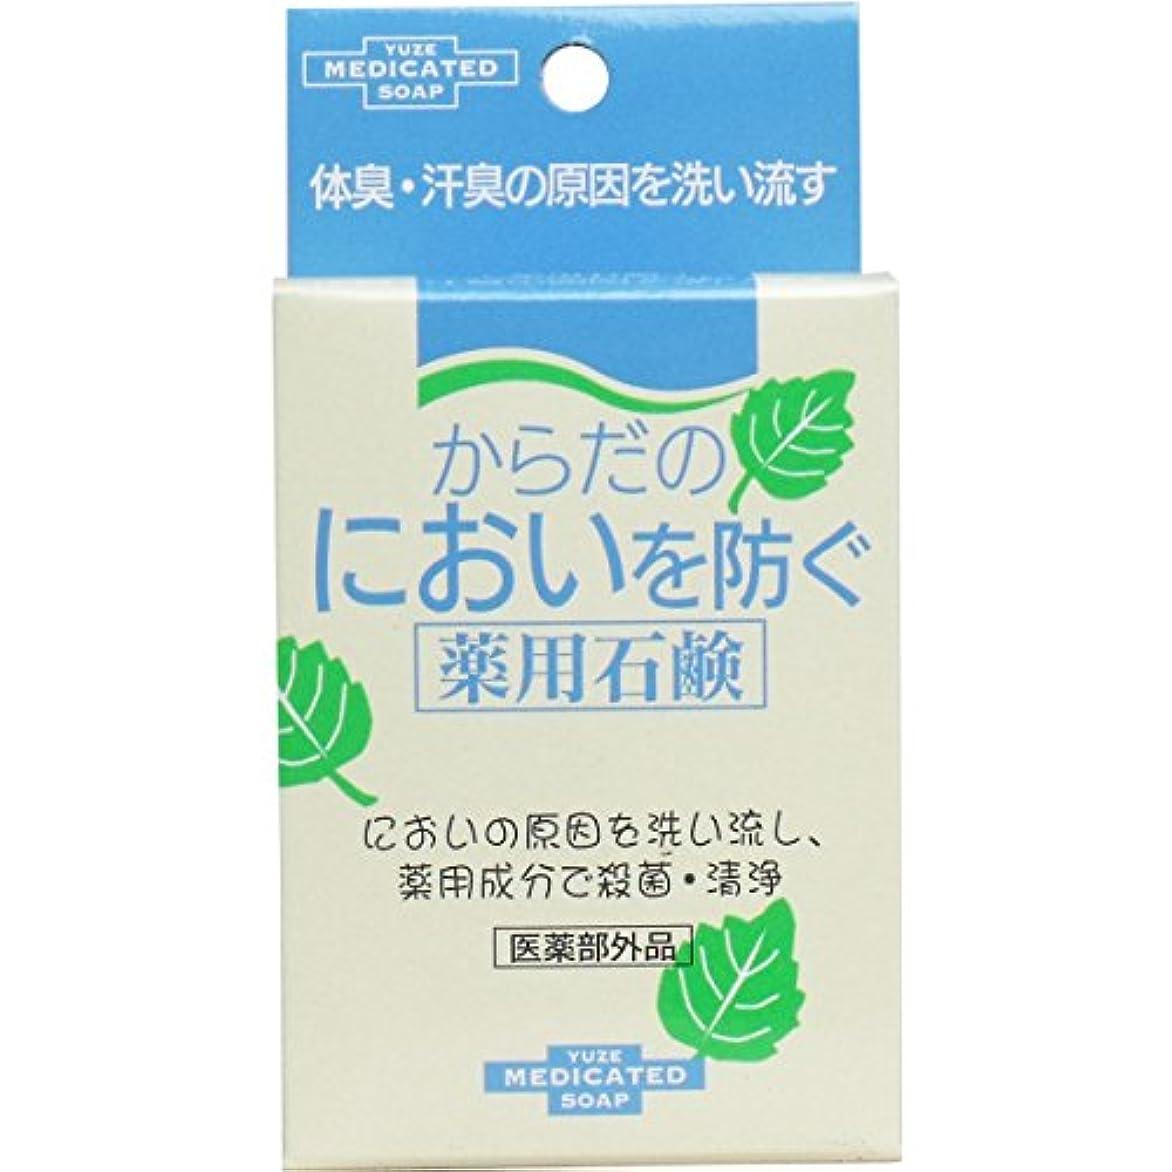 プログラム根絶する毒【お徳用 3 セット】 ユゼ からだのにおいを防ぐ薬用石鹸 110g×3セット